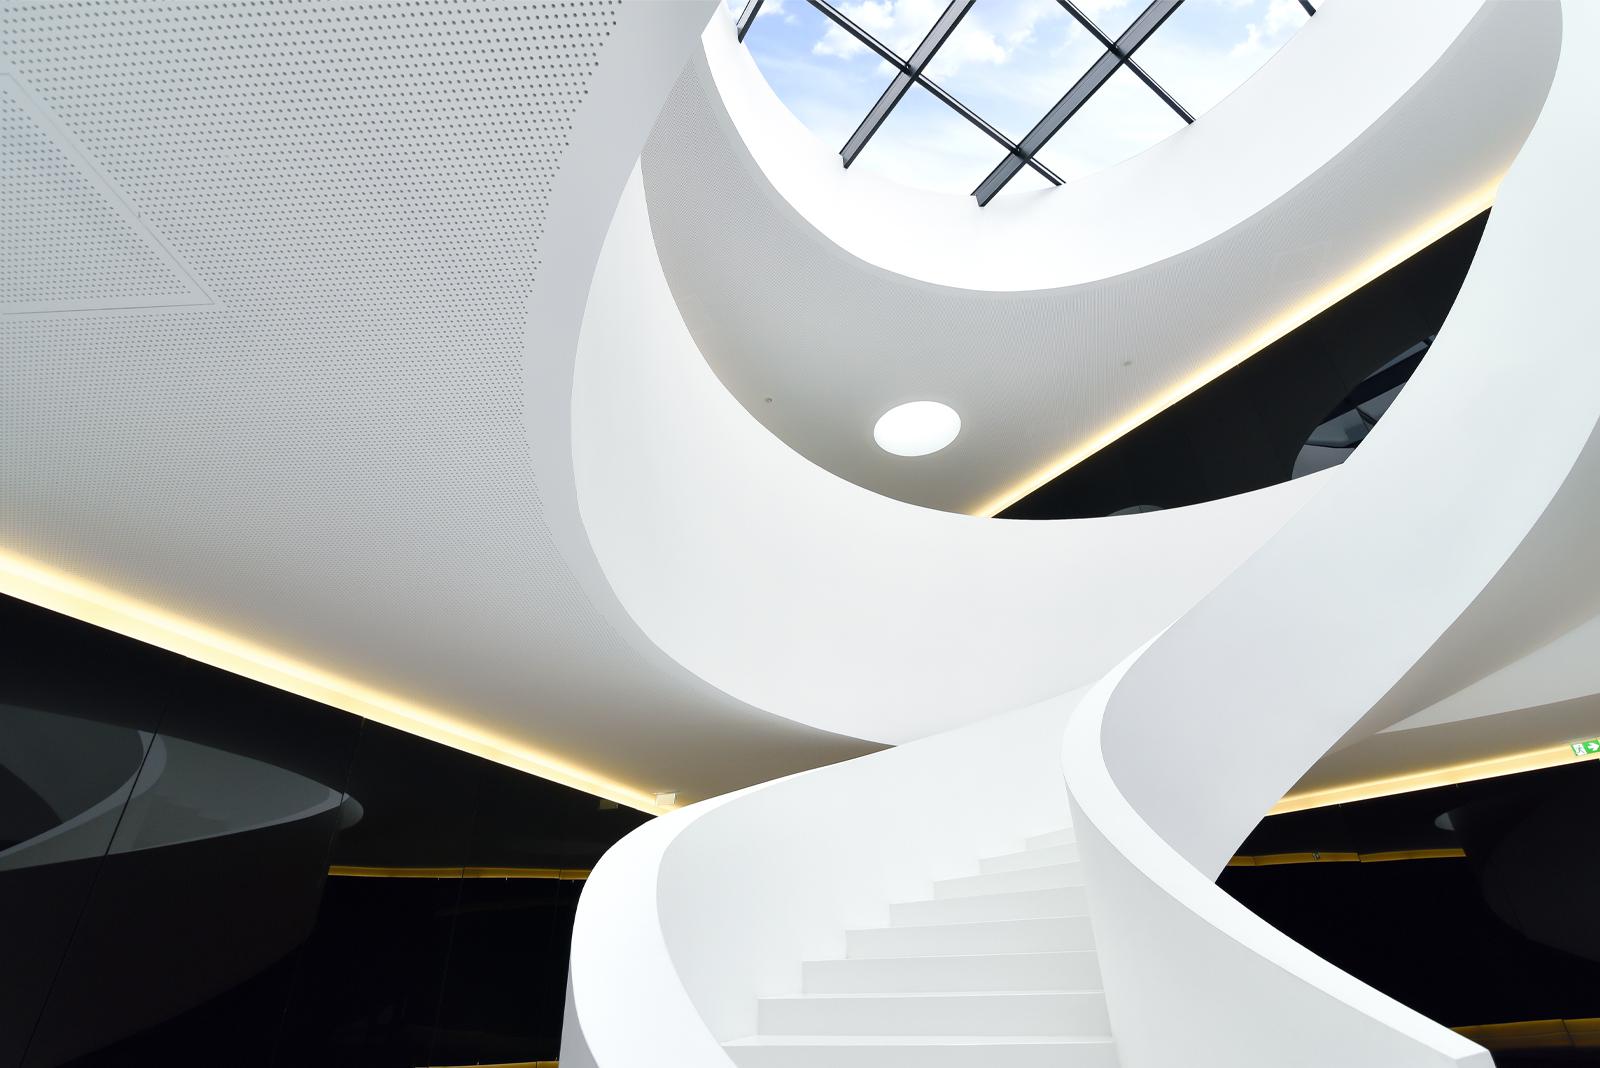 Premio-Concreta-Under-40_Centro-de-Artes-de-Águeda_Indelague-Roxo-Lighting_Obra-IMG-Principal